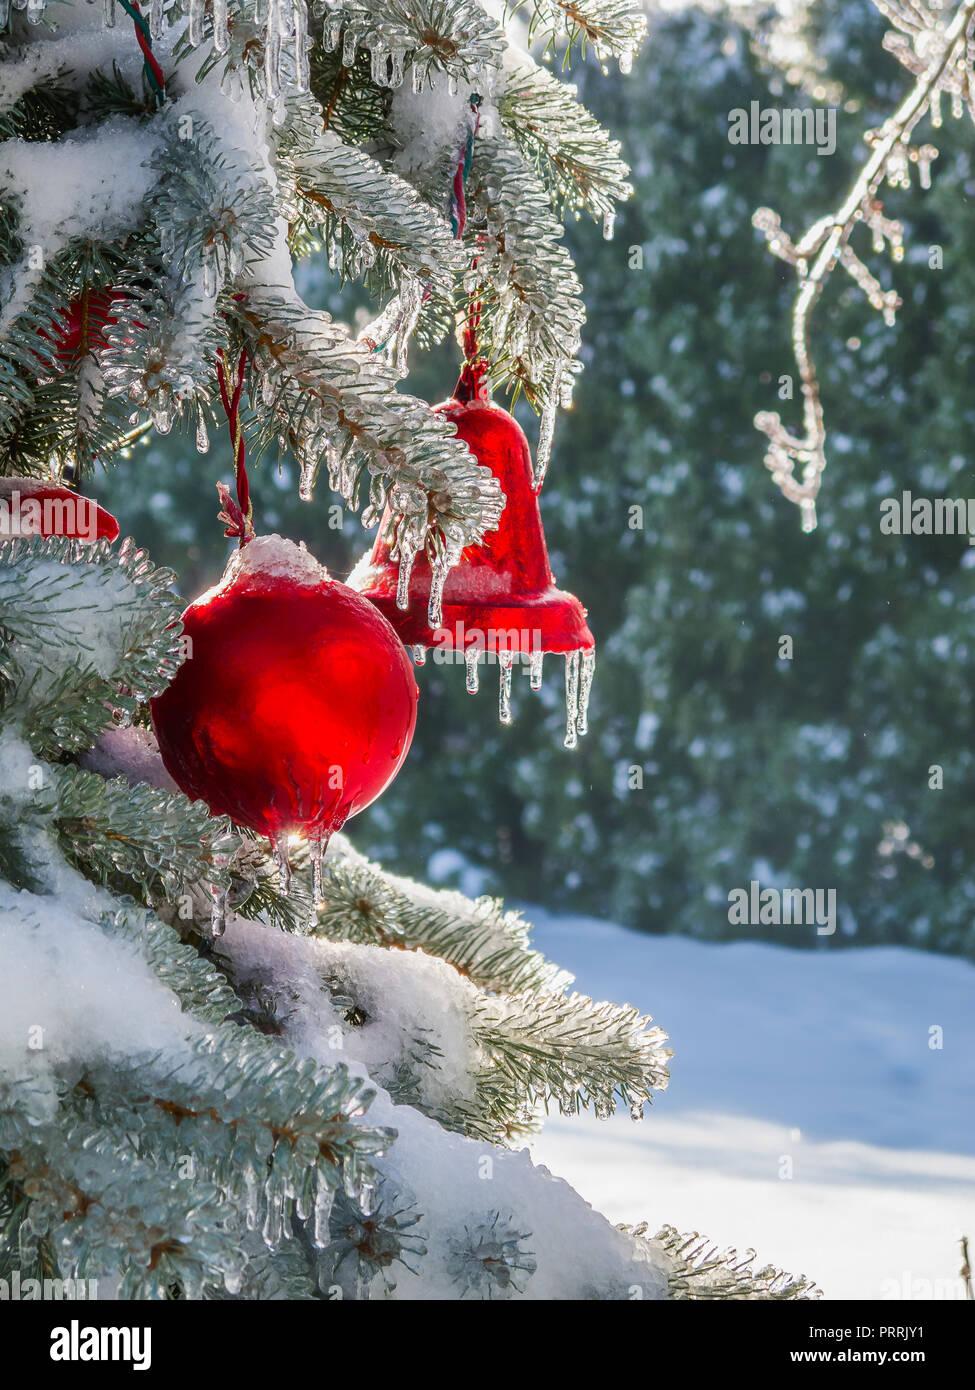 Outdoor Christmas Ornaments Stock Photos Outdoor Christmas